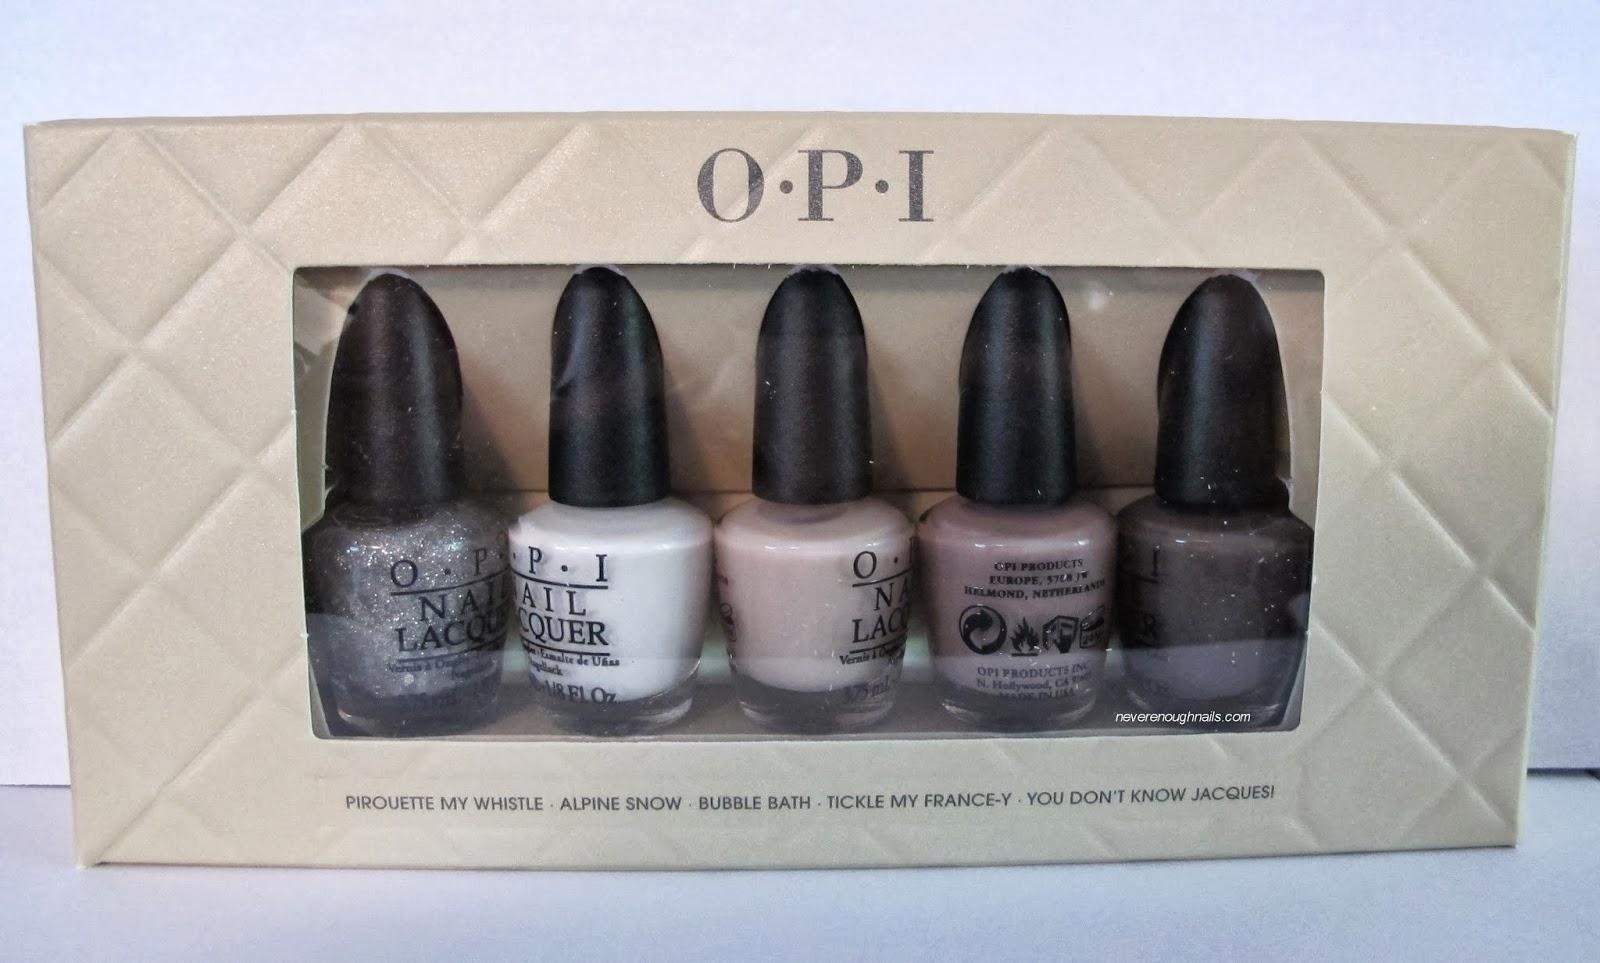 Mini Opi Nail Polish Gift Sets - To Bend Light